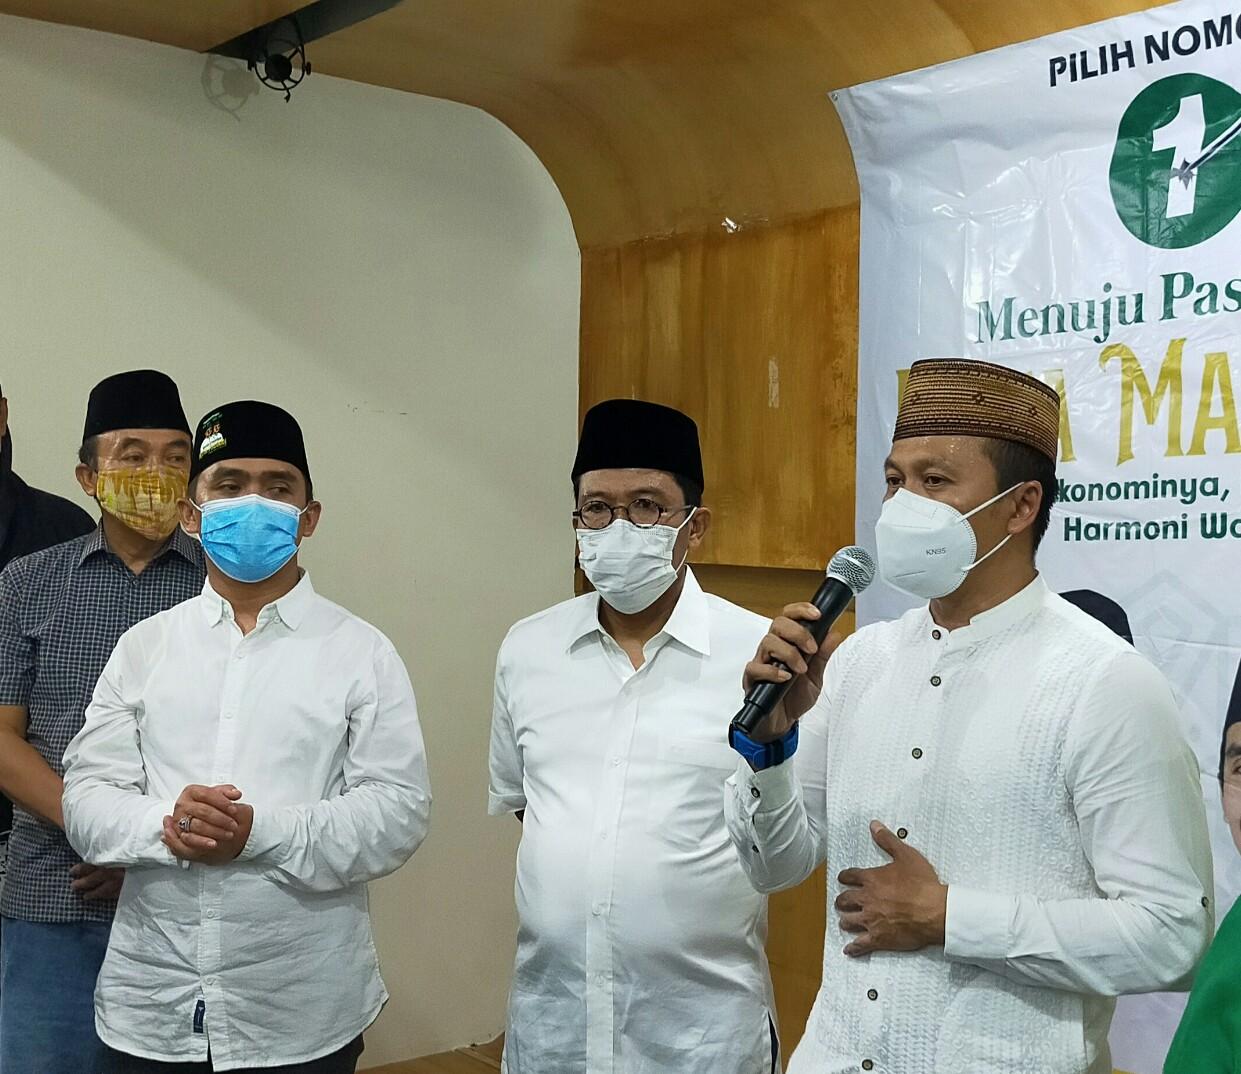 Unggul Telak di Pilkada Kota Pasuruan, Gus Ipul-Adi Wibowo Deklarasi Kemenangan